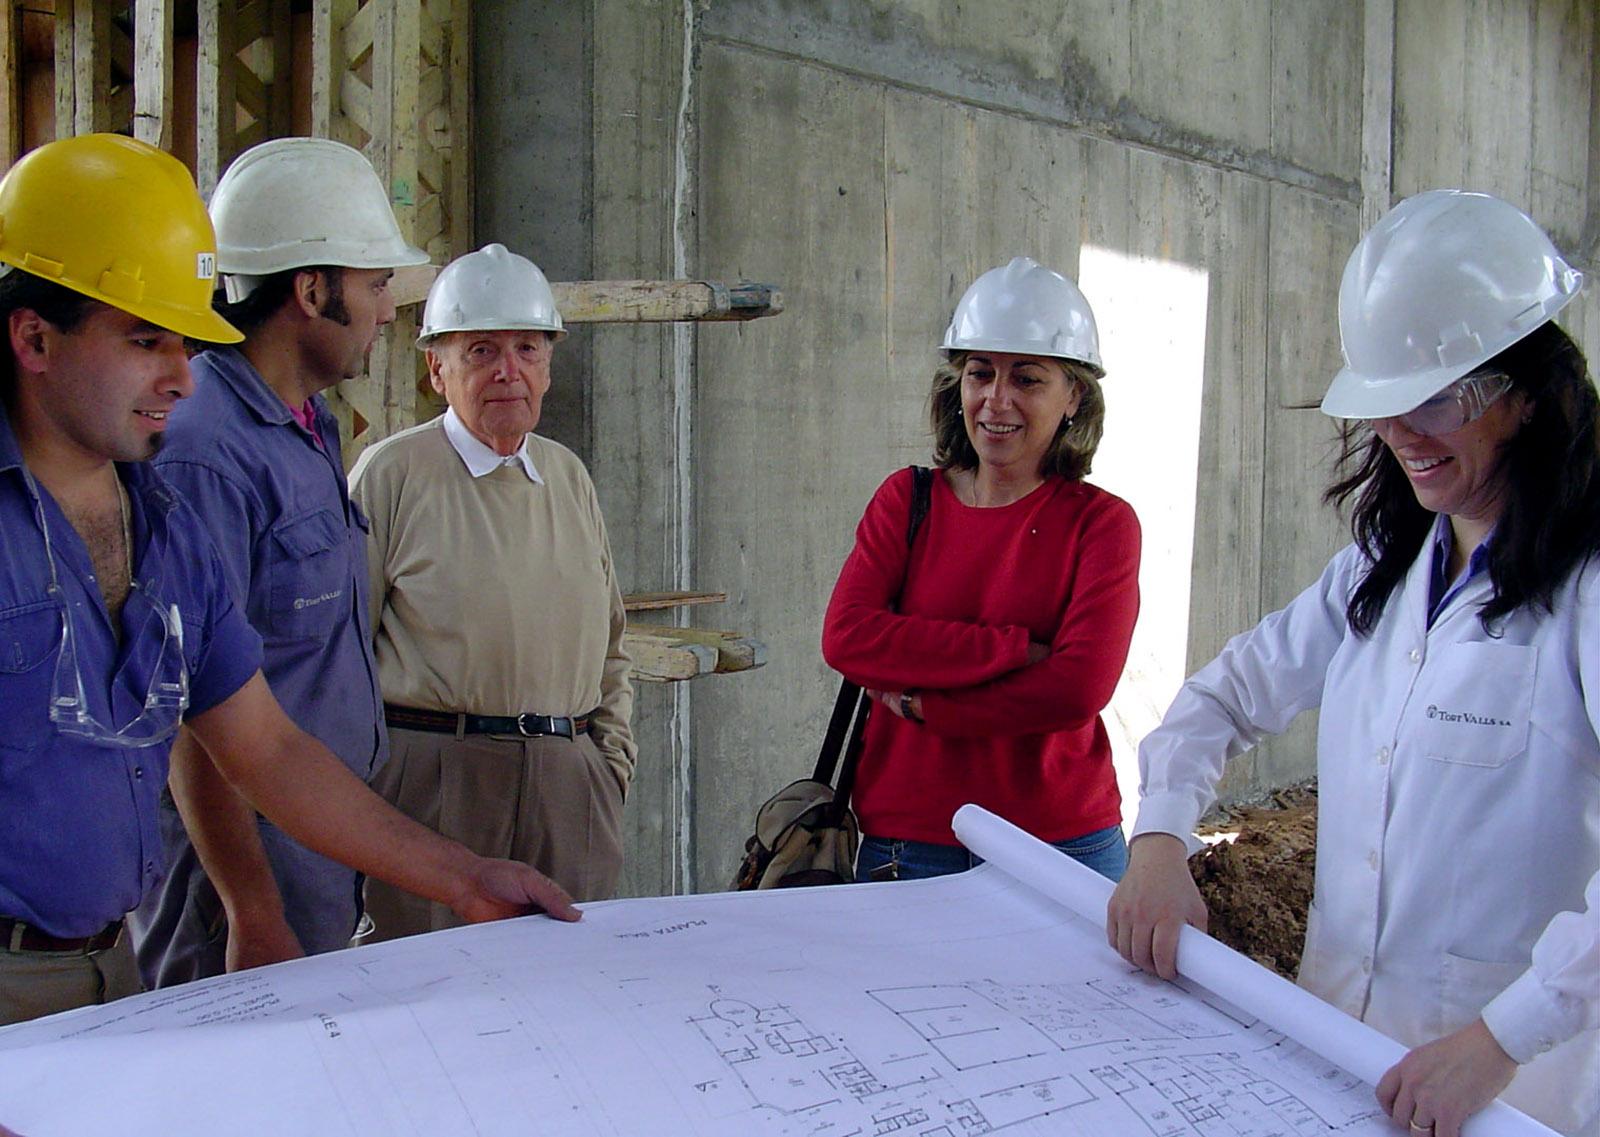 jose maria observando los planos de la nueva planta